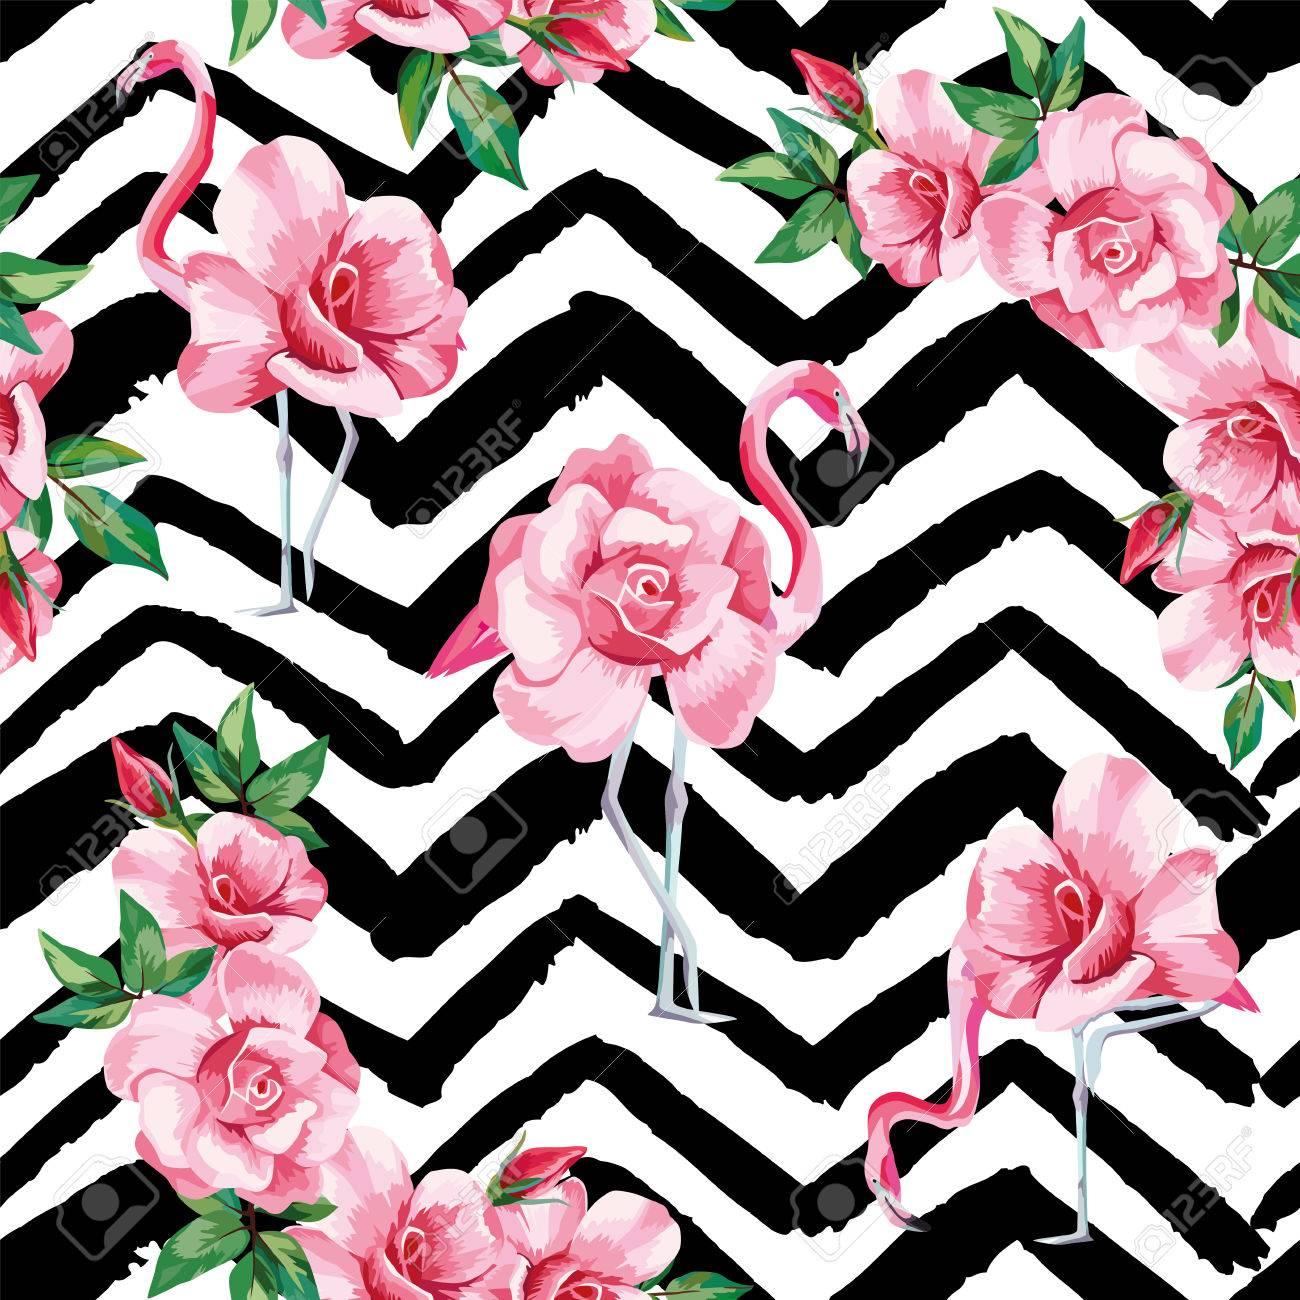 Image De Plage D Un Fond D Ecran Avec Un Beau Flamant Rose Tropicale